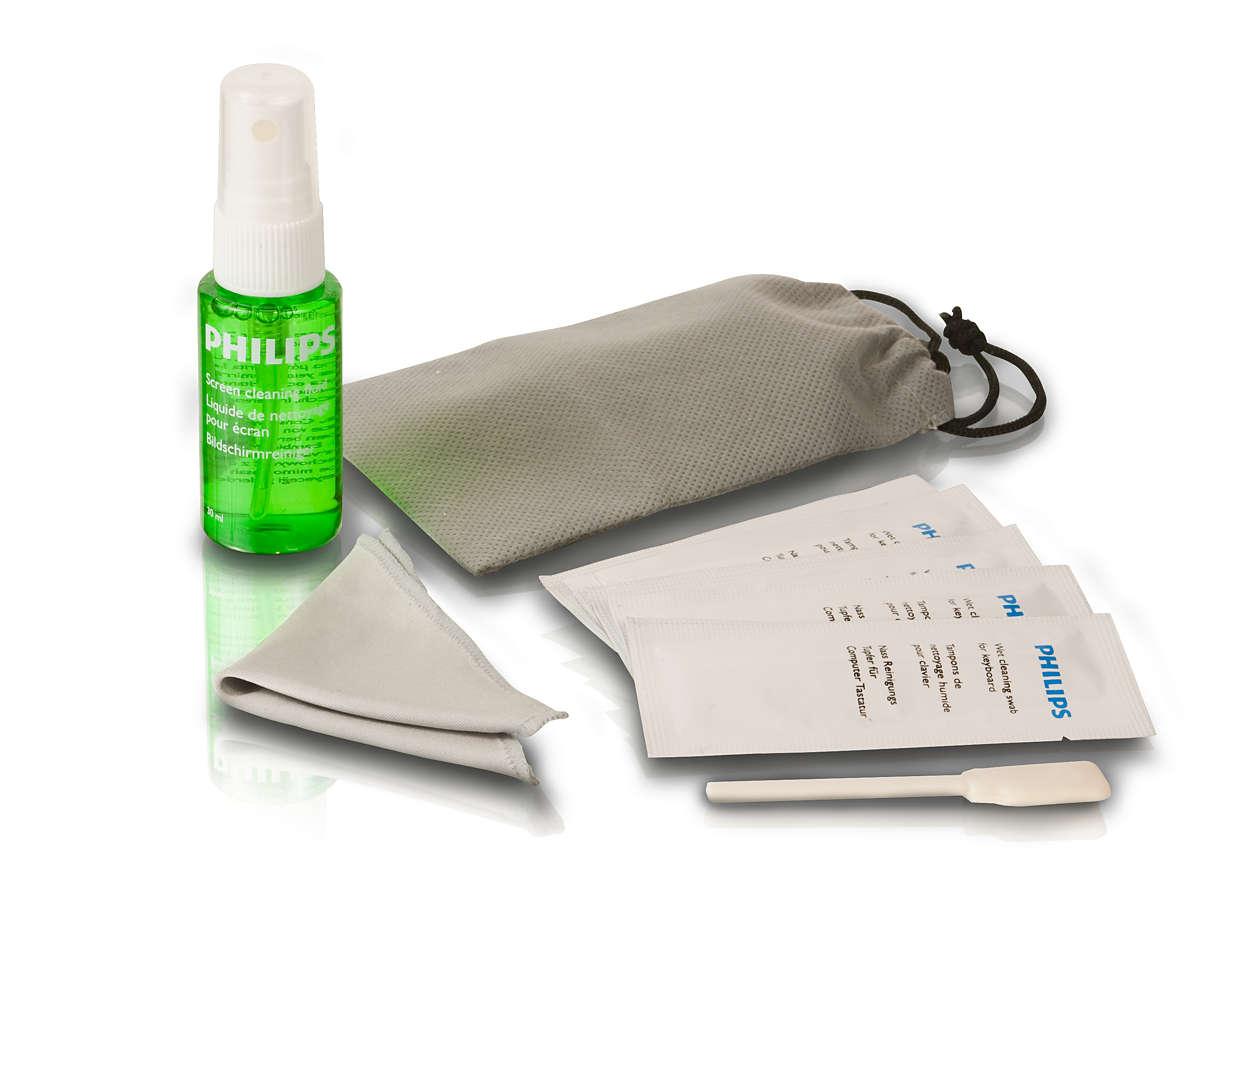 Bezpieczne czyszczenie ekranów laptopów i urządzeń przenośnych